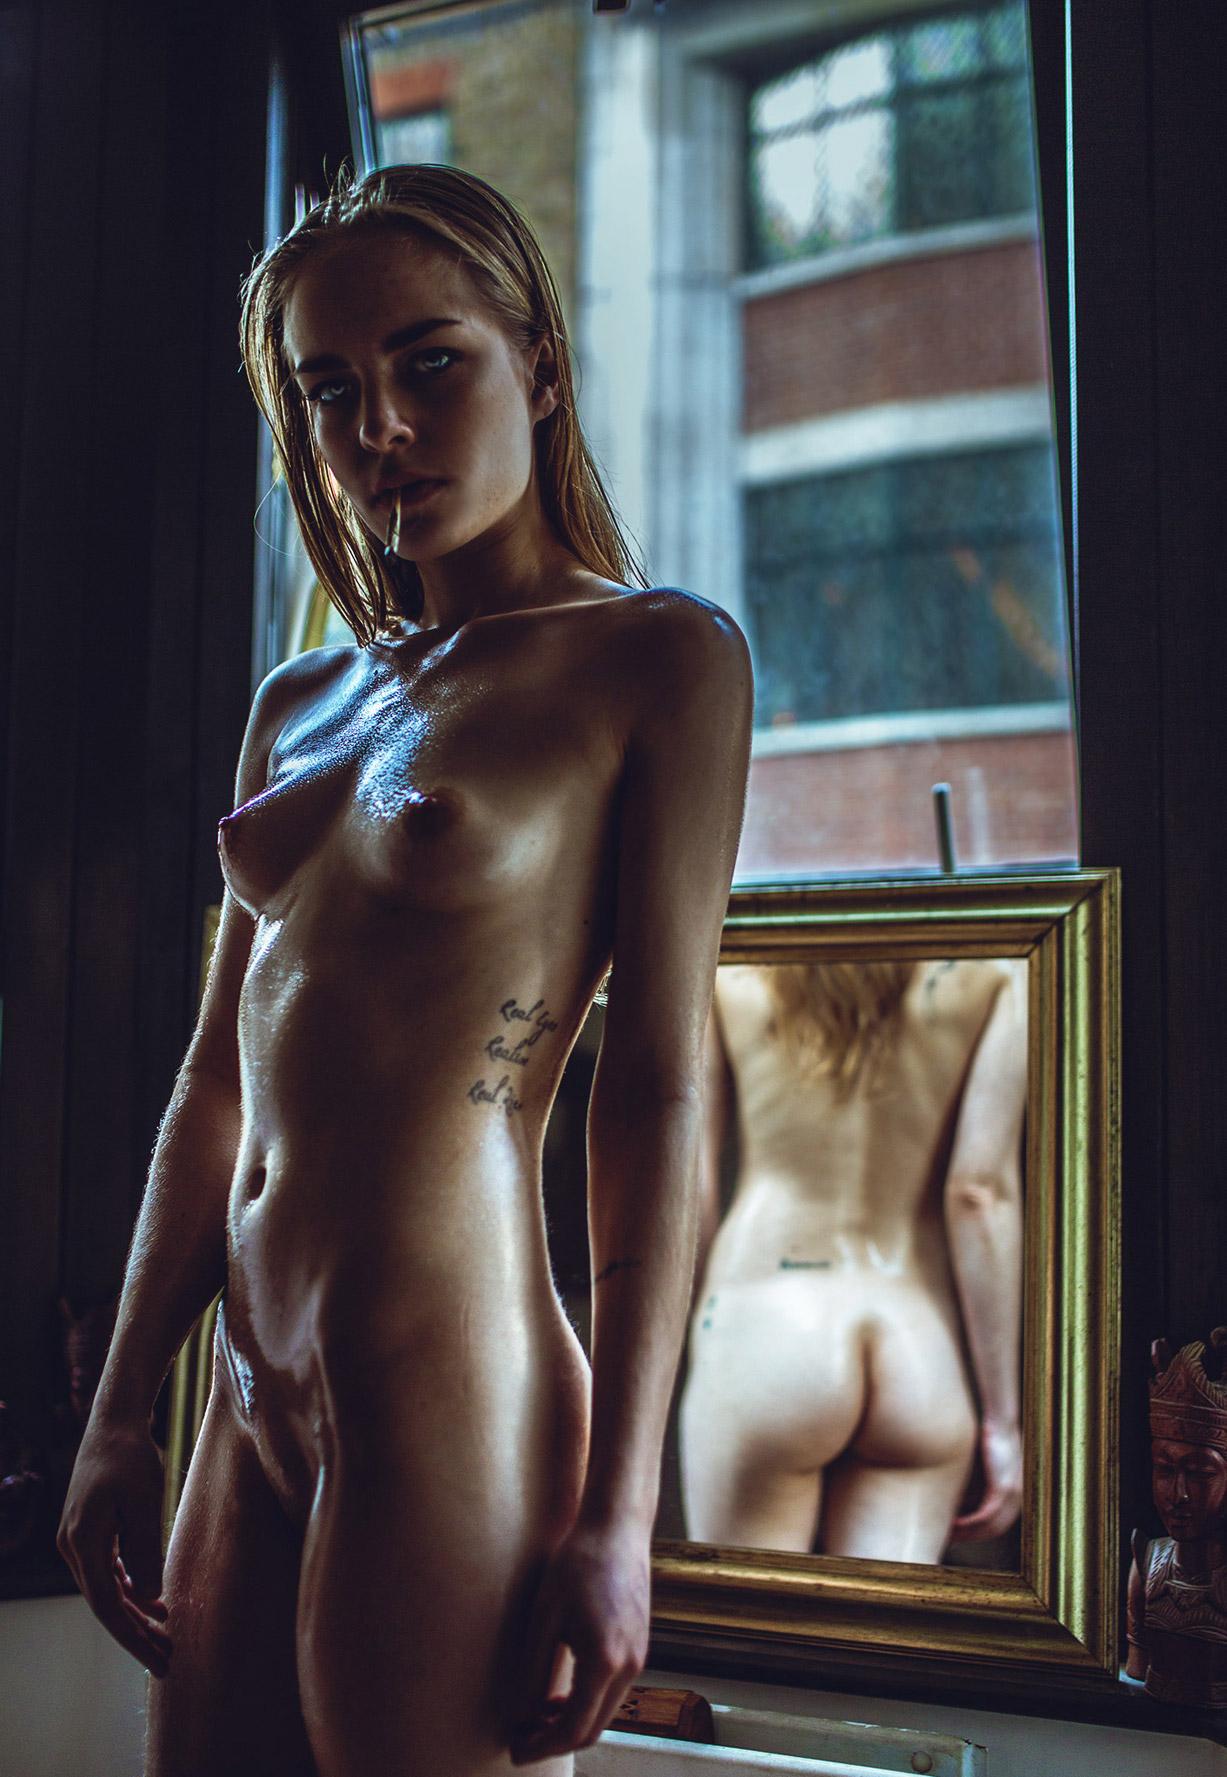 зеркало, сигарета и голая Алисия Джейд / Alicia Jade nude by Haris Nukem - Yume Magazine